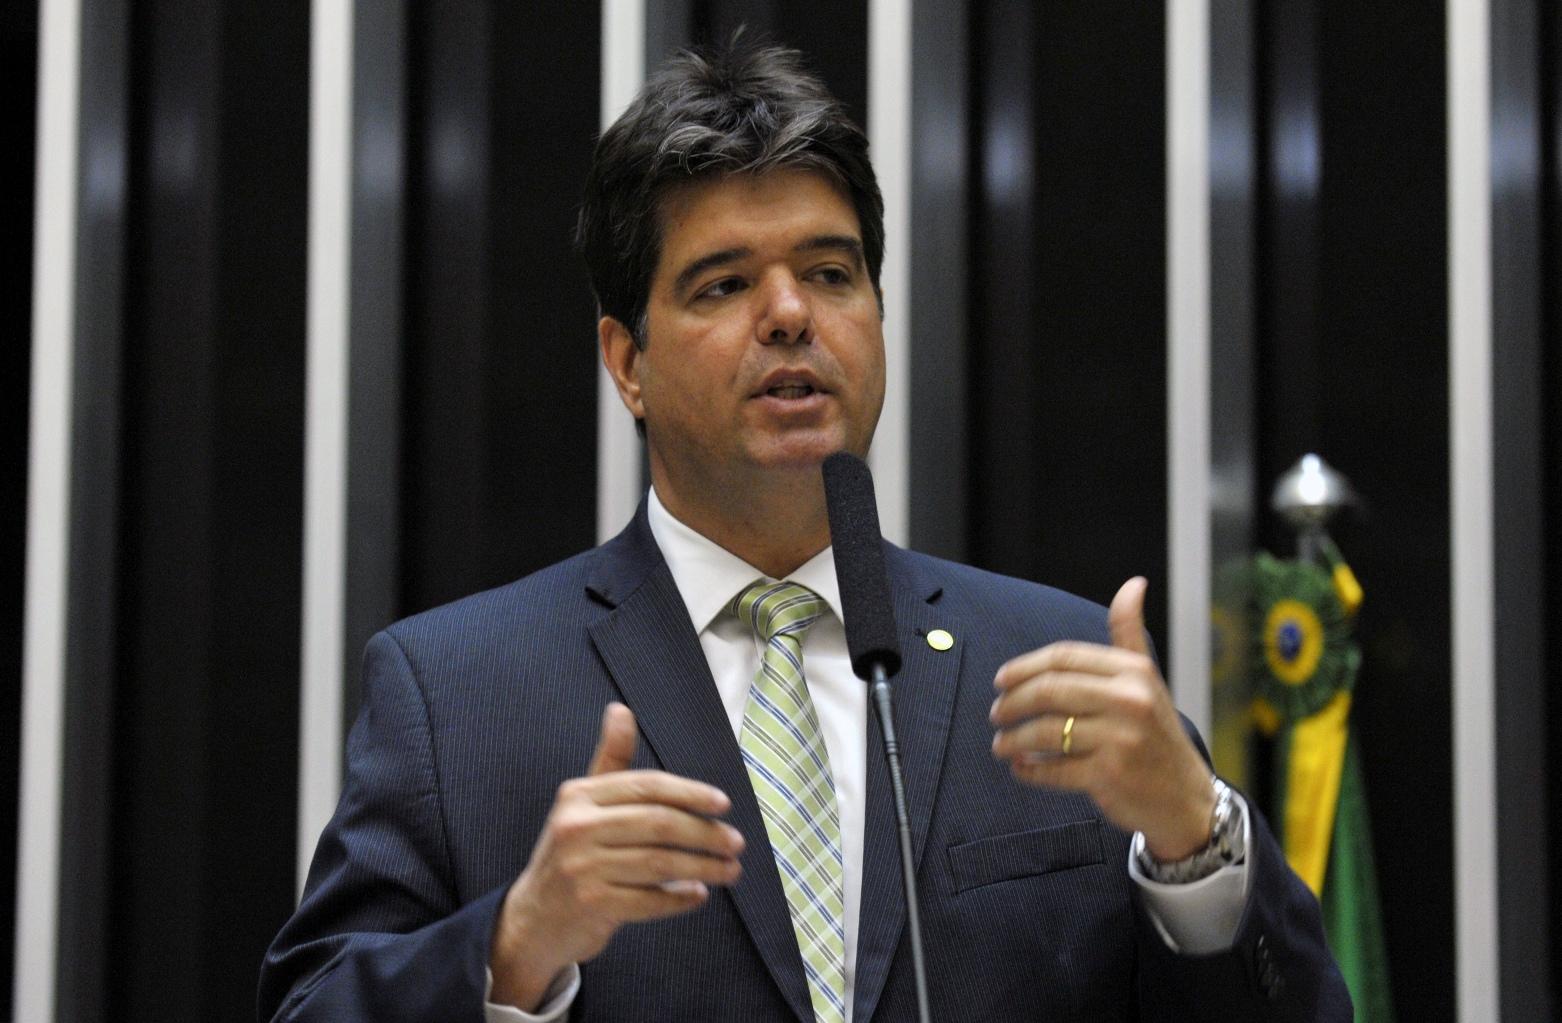 """Ruy Carneiro: """"Redução imediata de impostos é uma exigência da sociedade"""""""